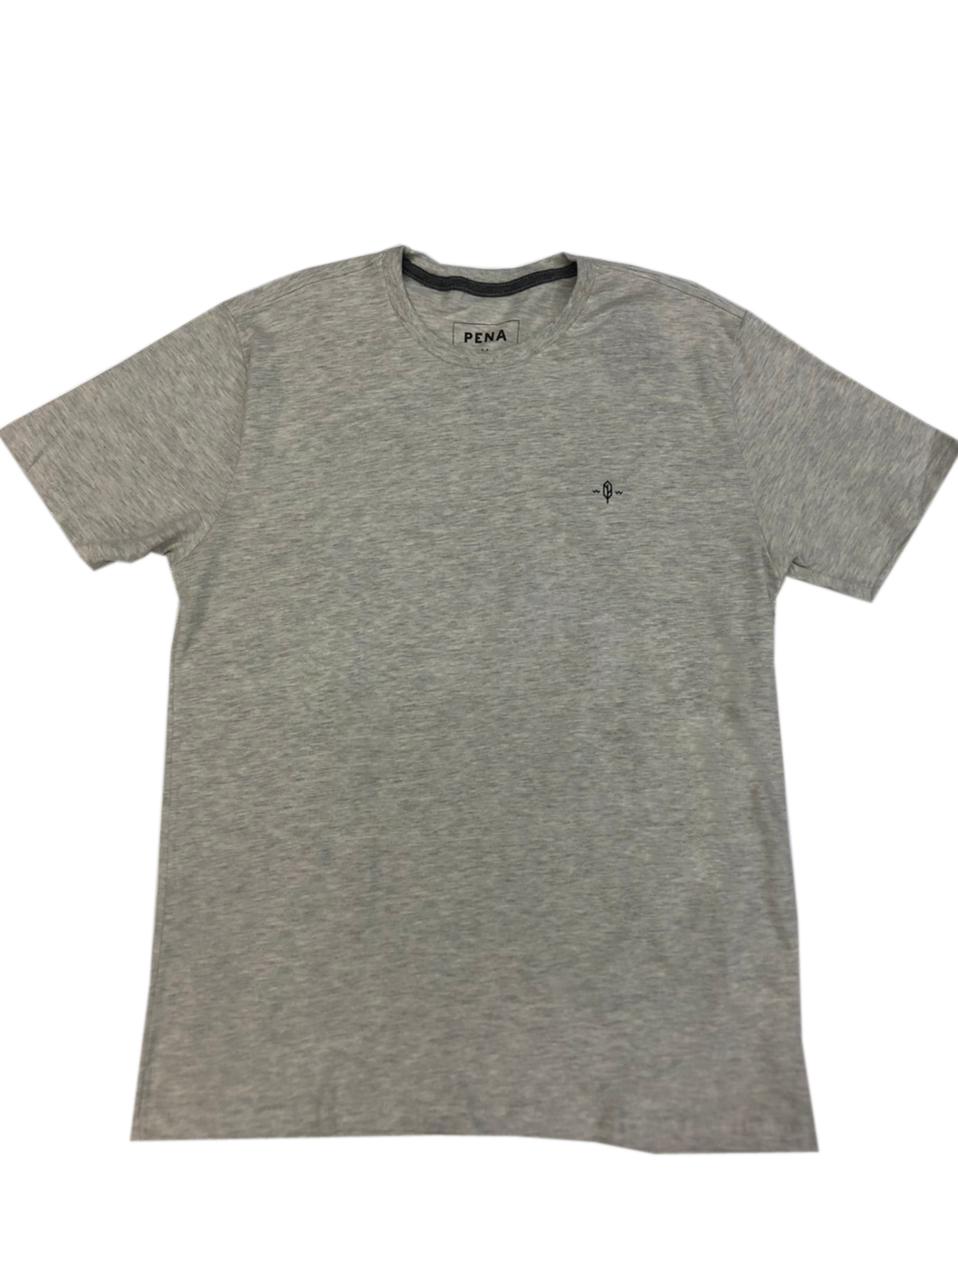 Camiseta Pena Enjoy